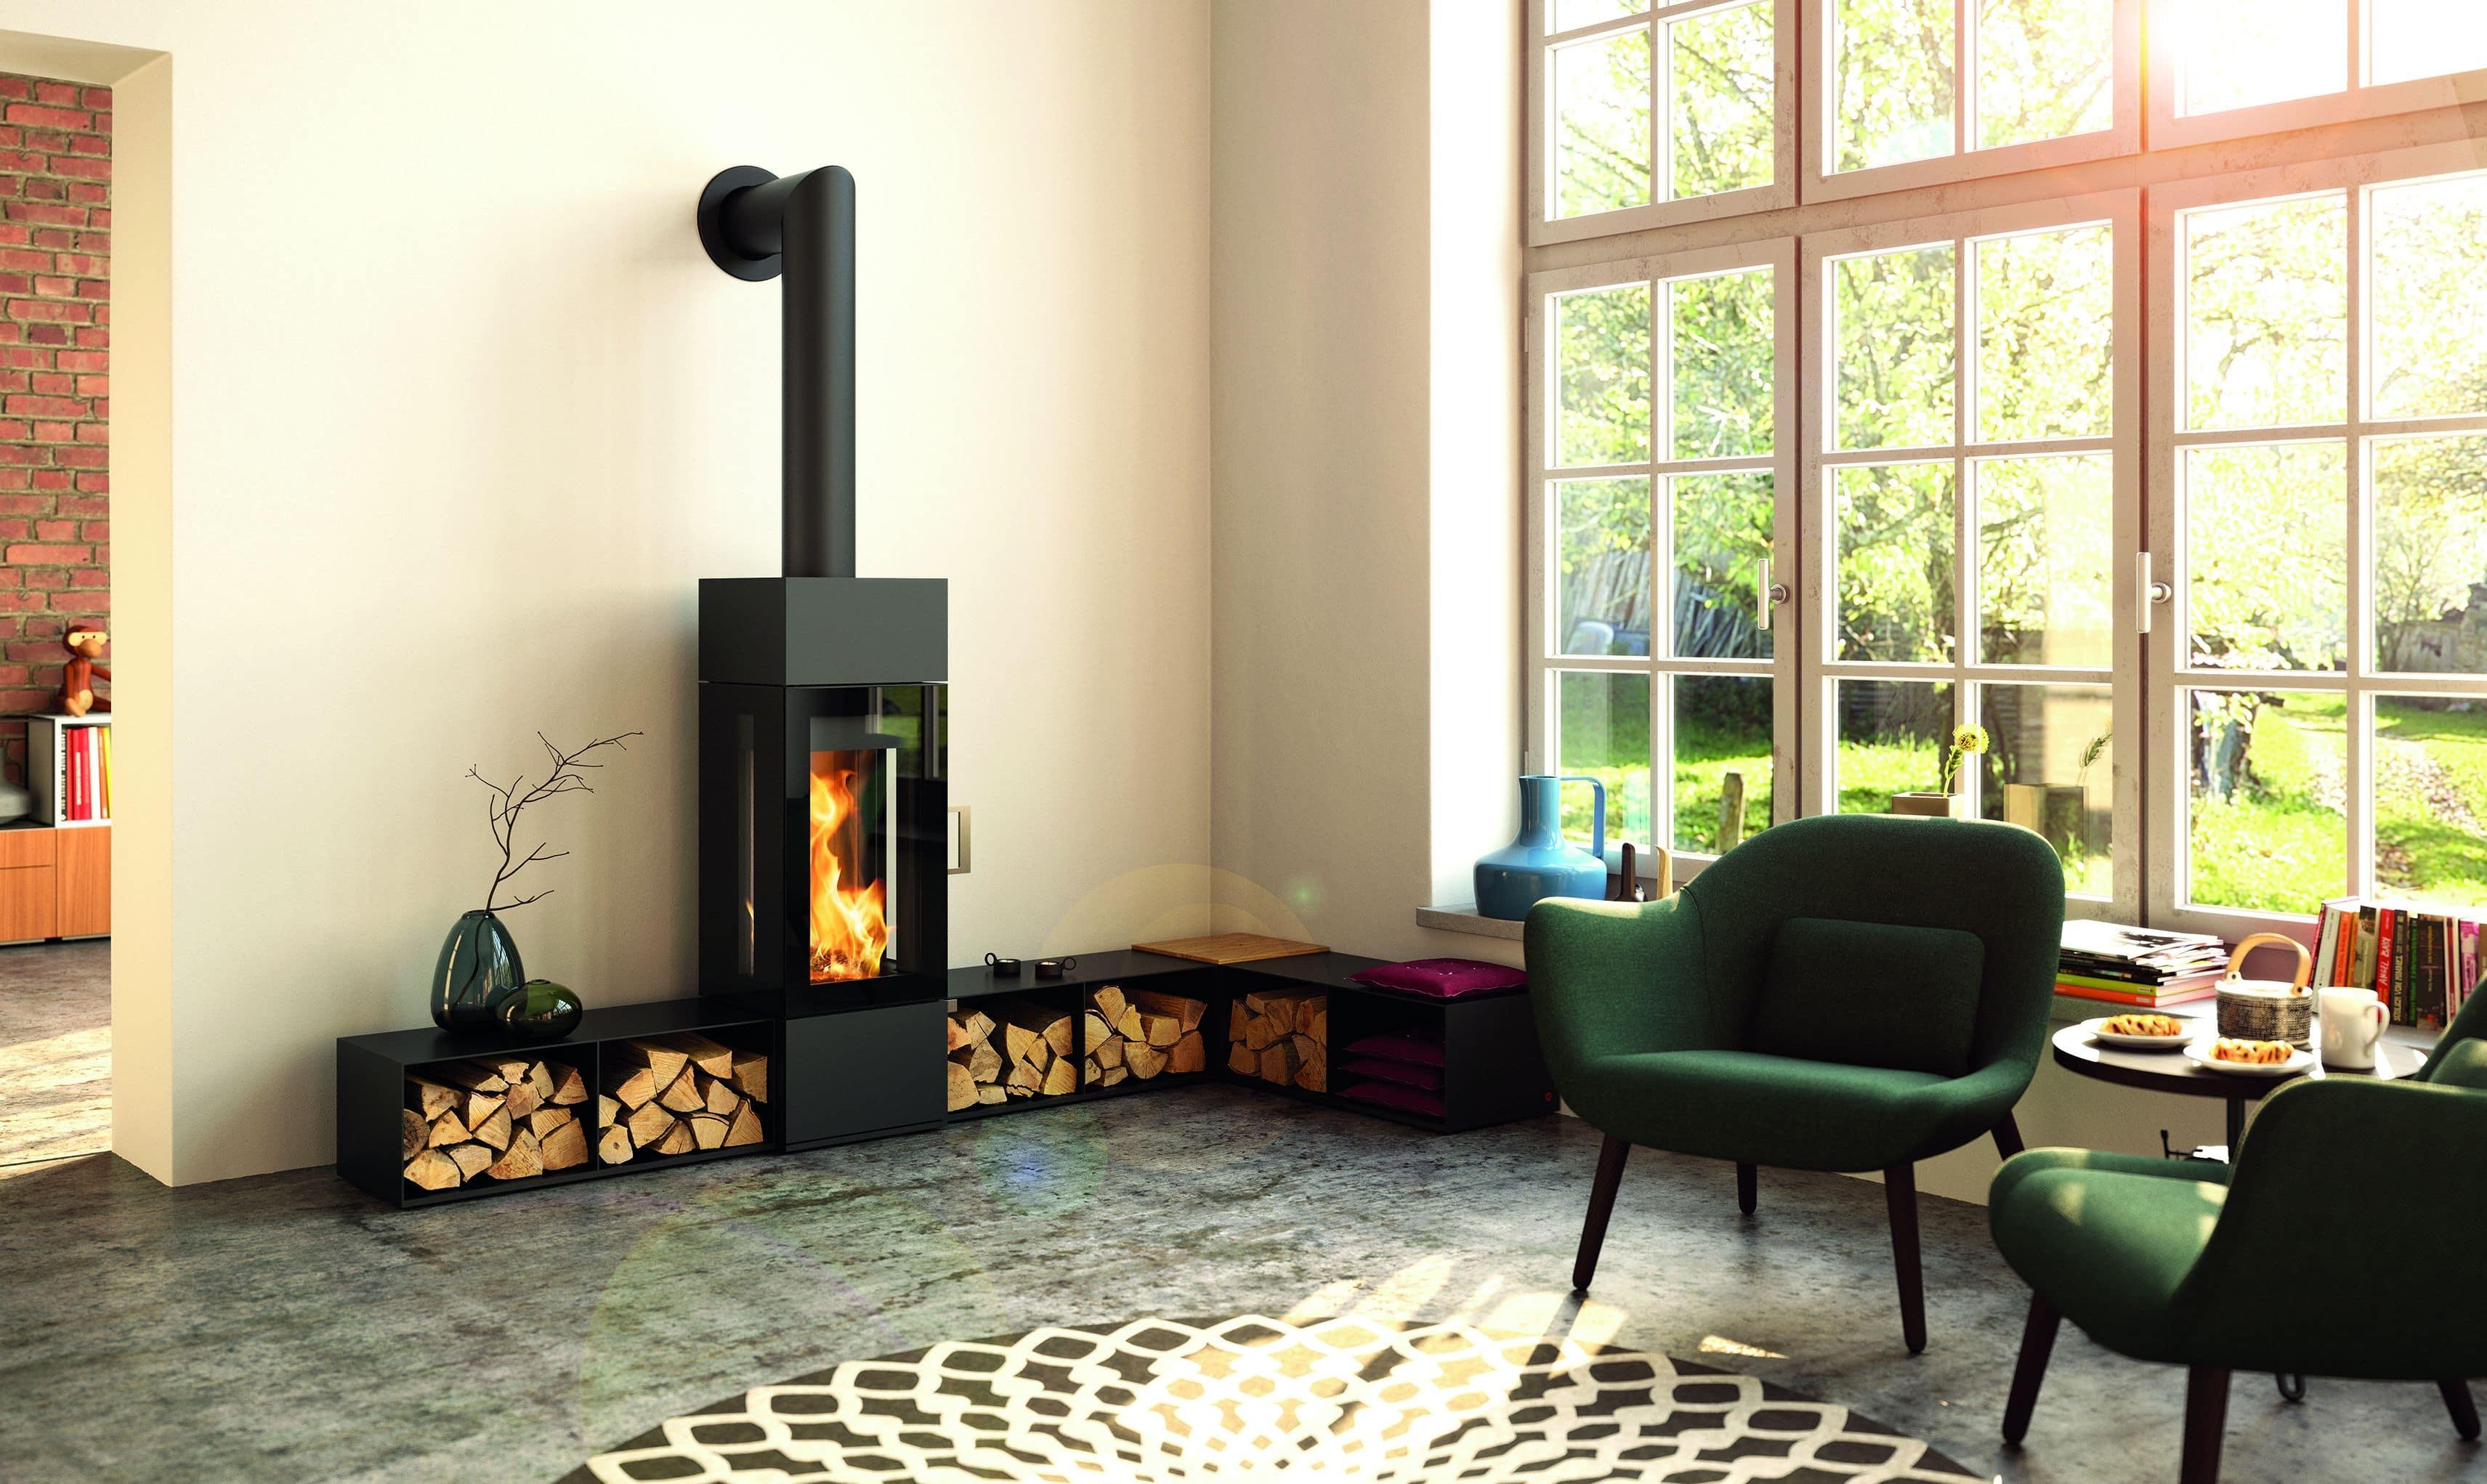 Comment ranger le bois de chauffage de son poêle à bois ?